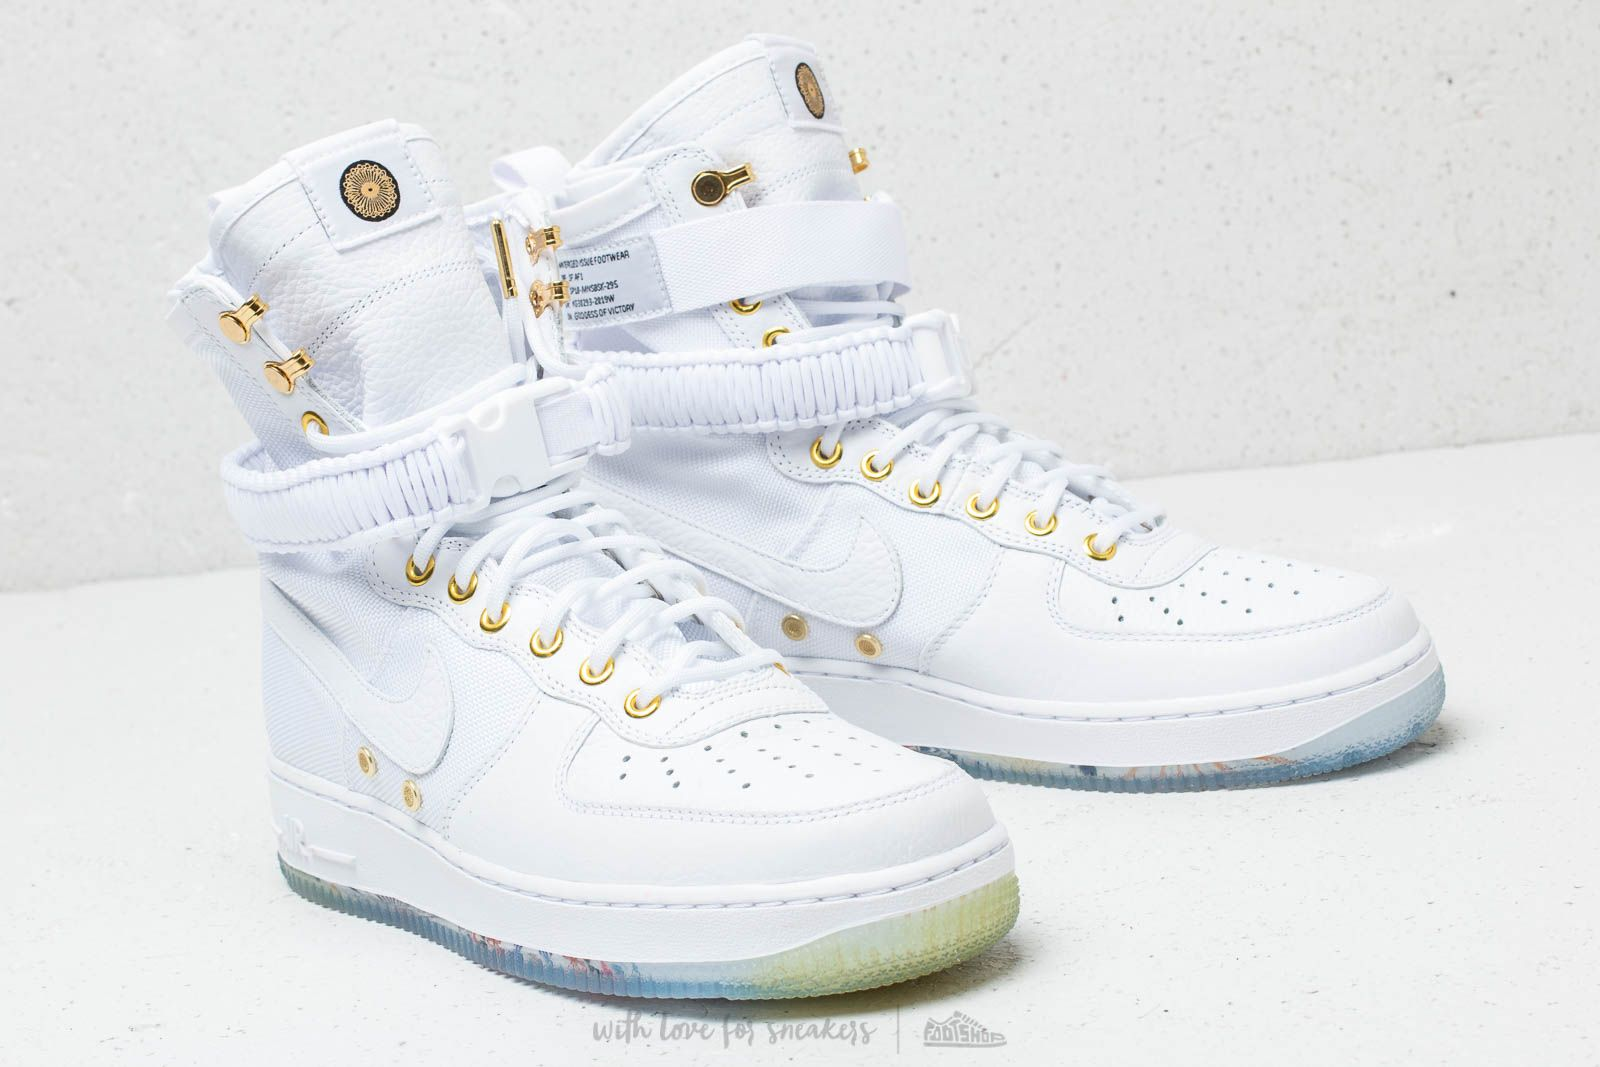 Nike SF Air Force 1 High LNY QS